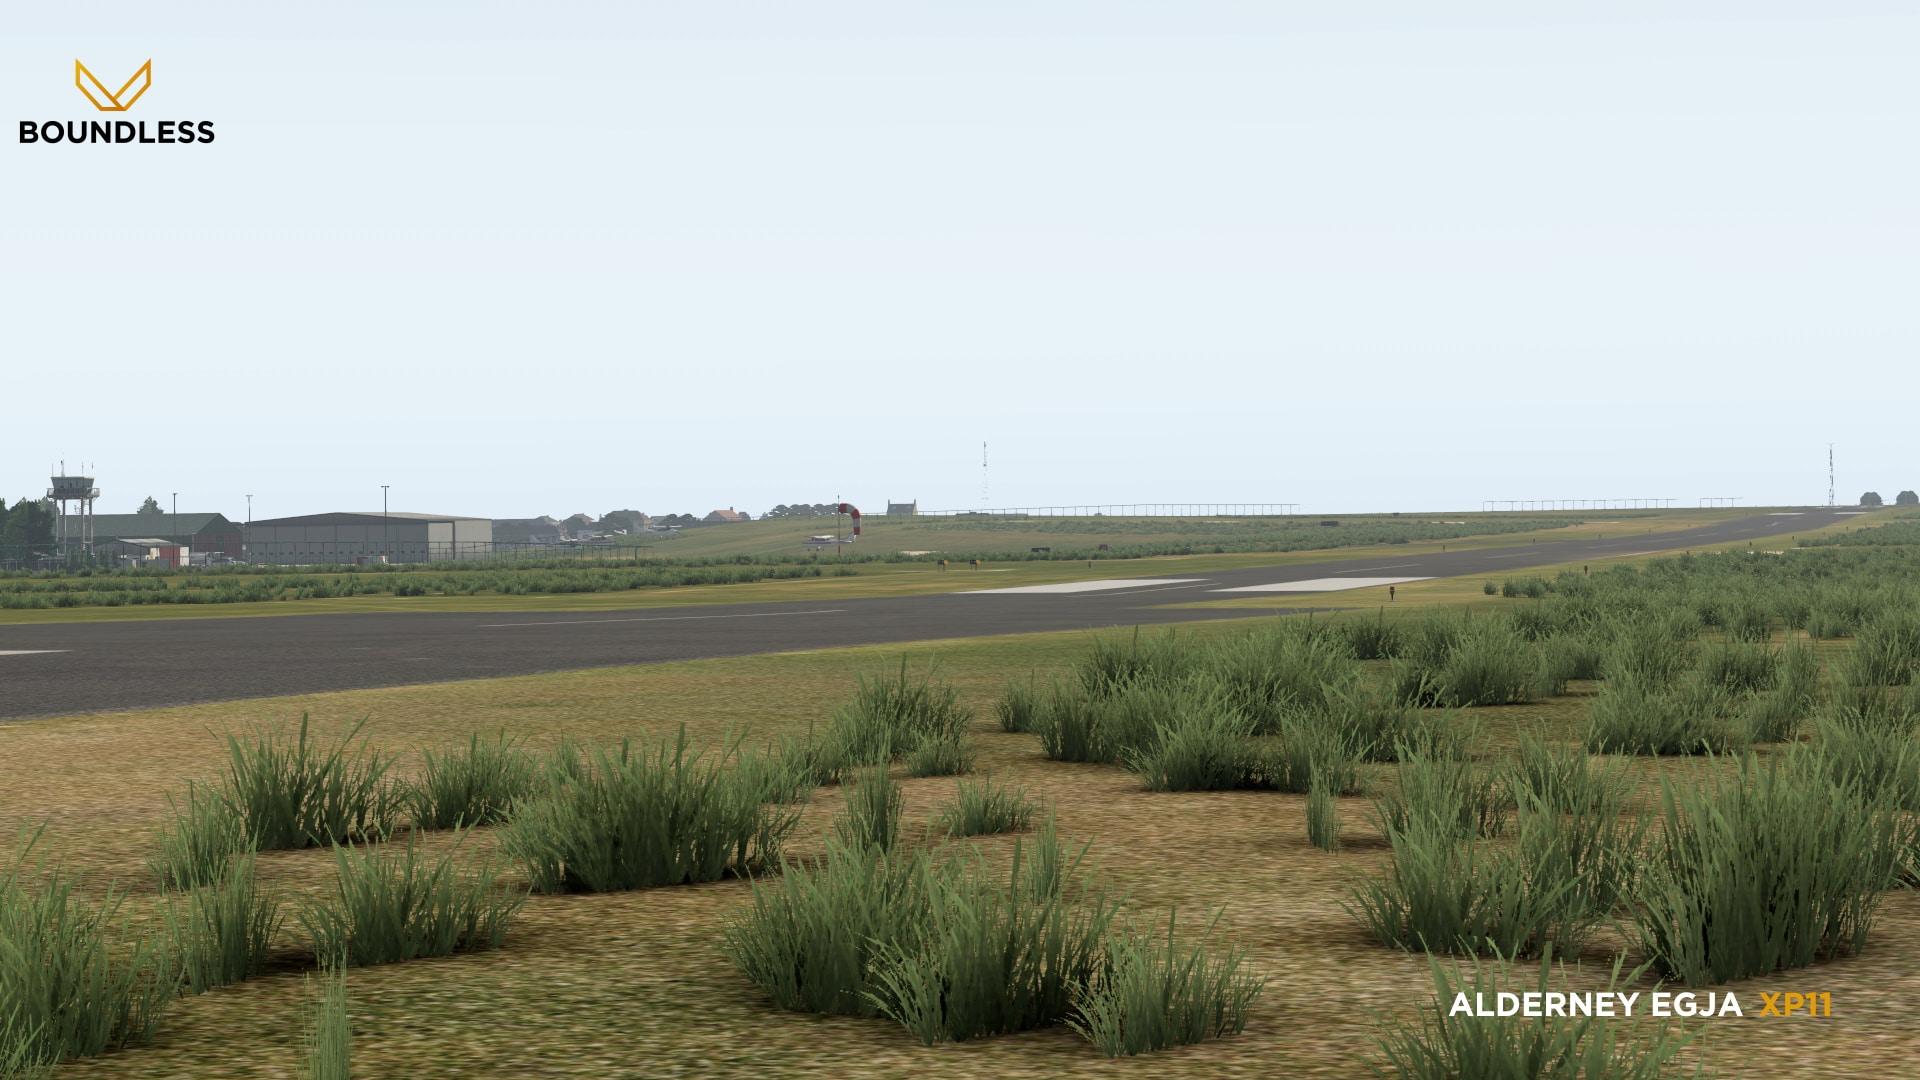 250678_ATR72_-_2021-01-01_22.18.06